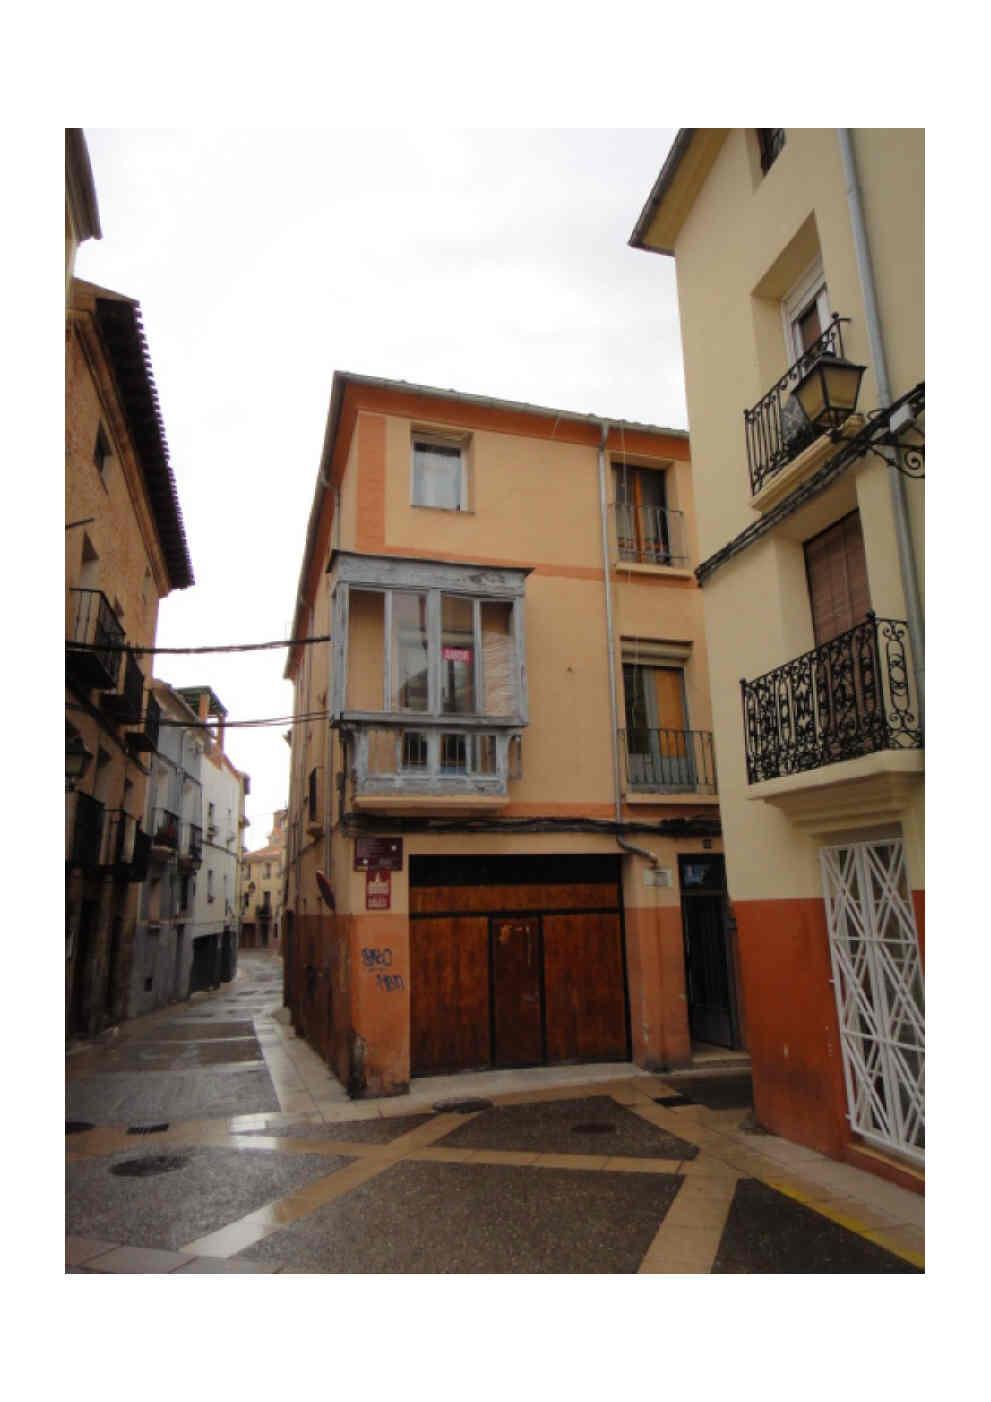 Piso en venta en Calahorra, La Rioja, Calle Estrella, 22.000 €, 3 habitaciones, 1 baño, 91,5 m2